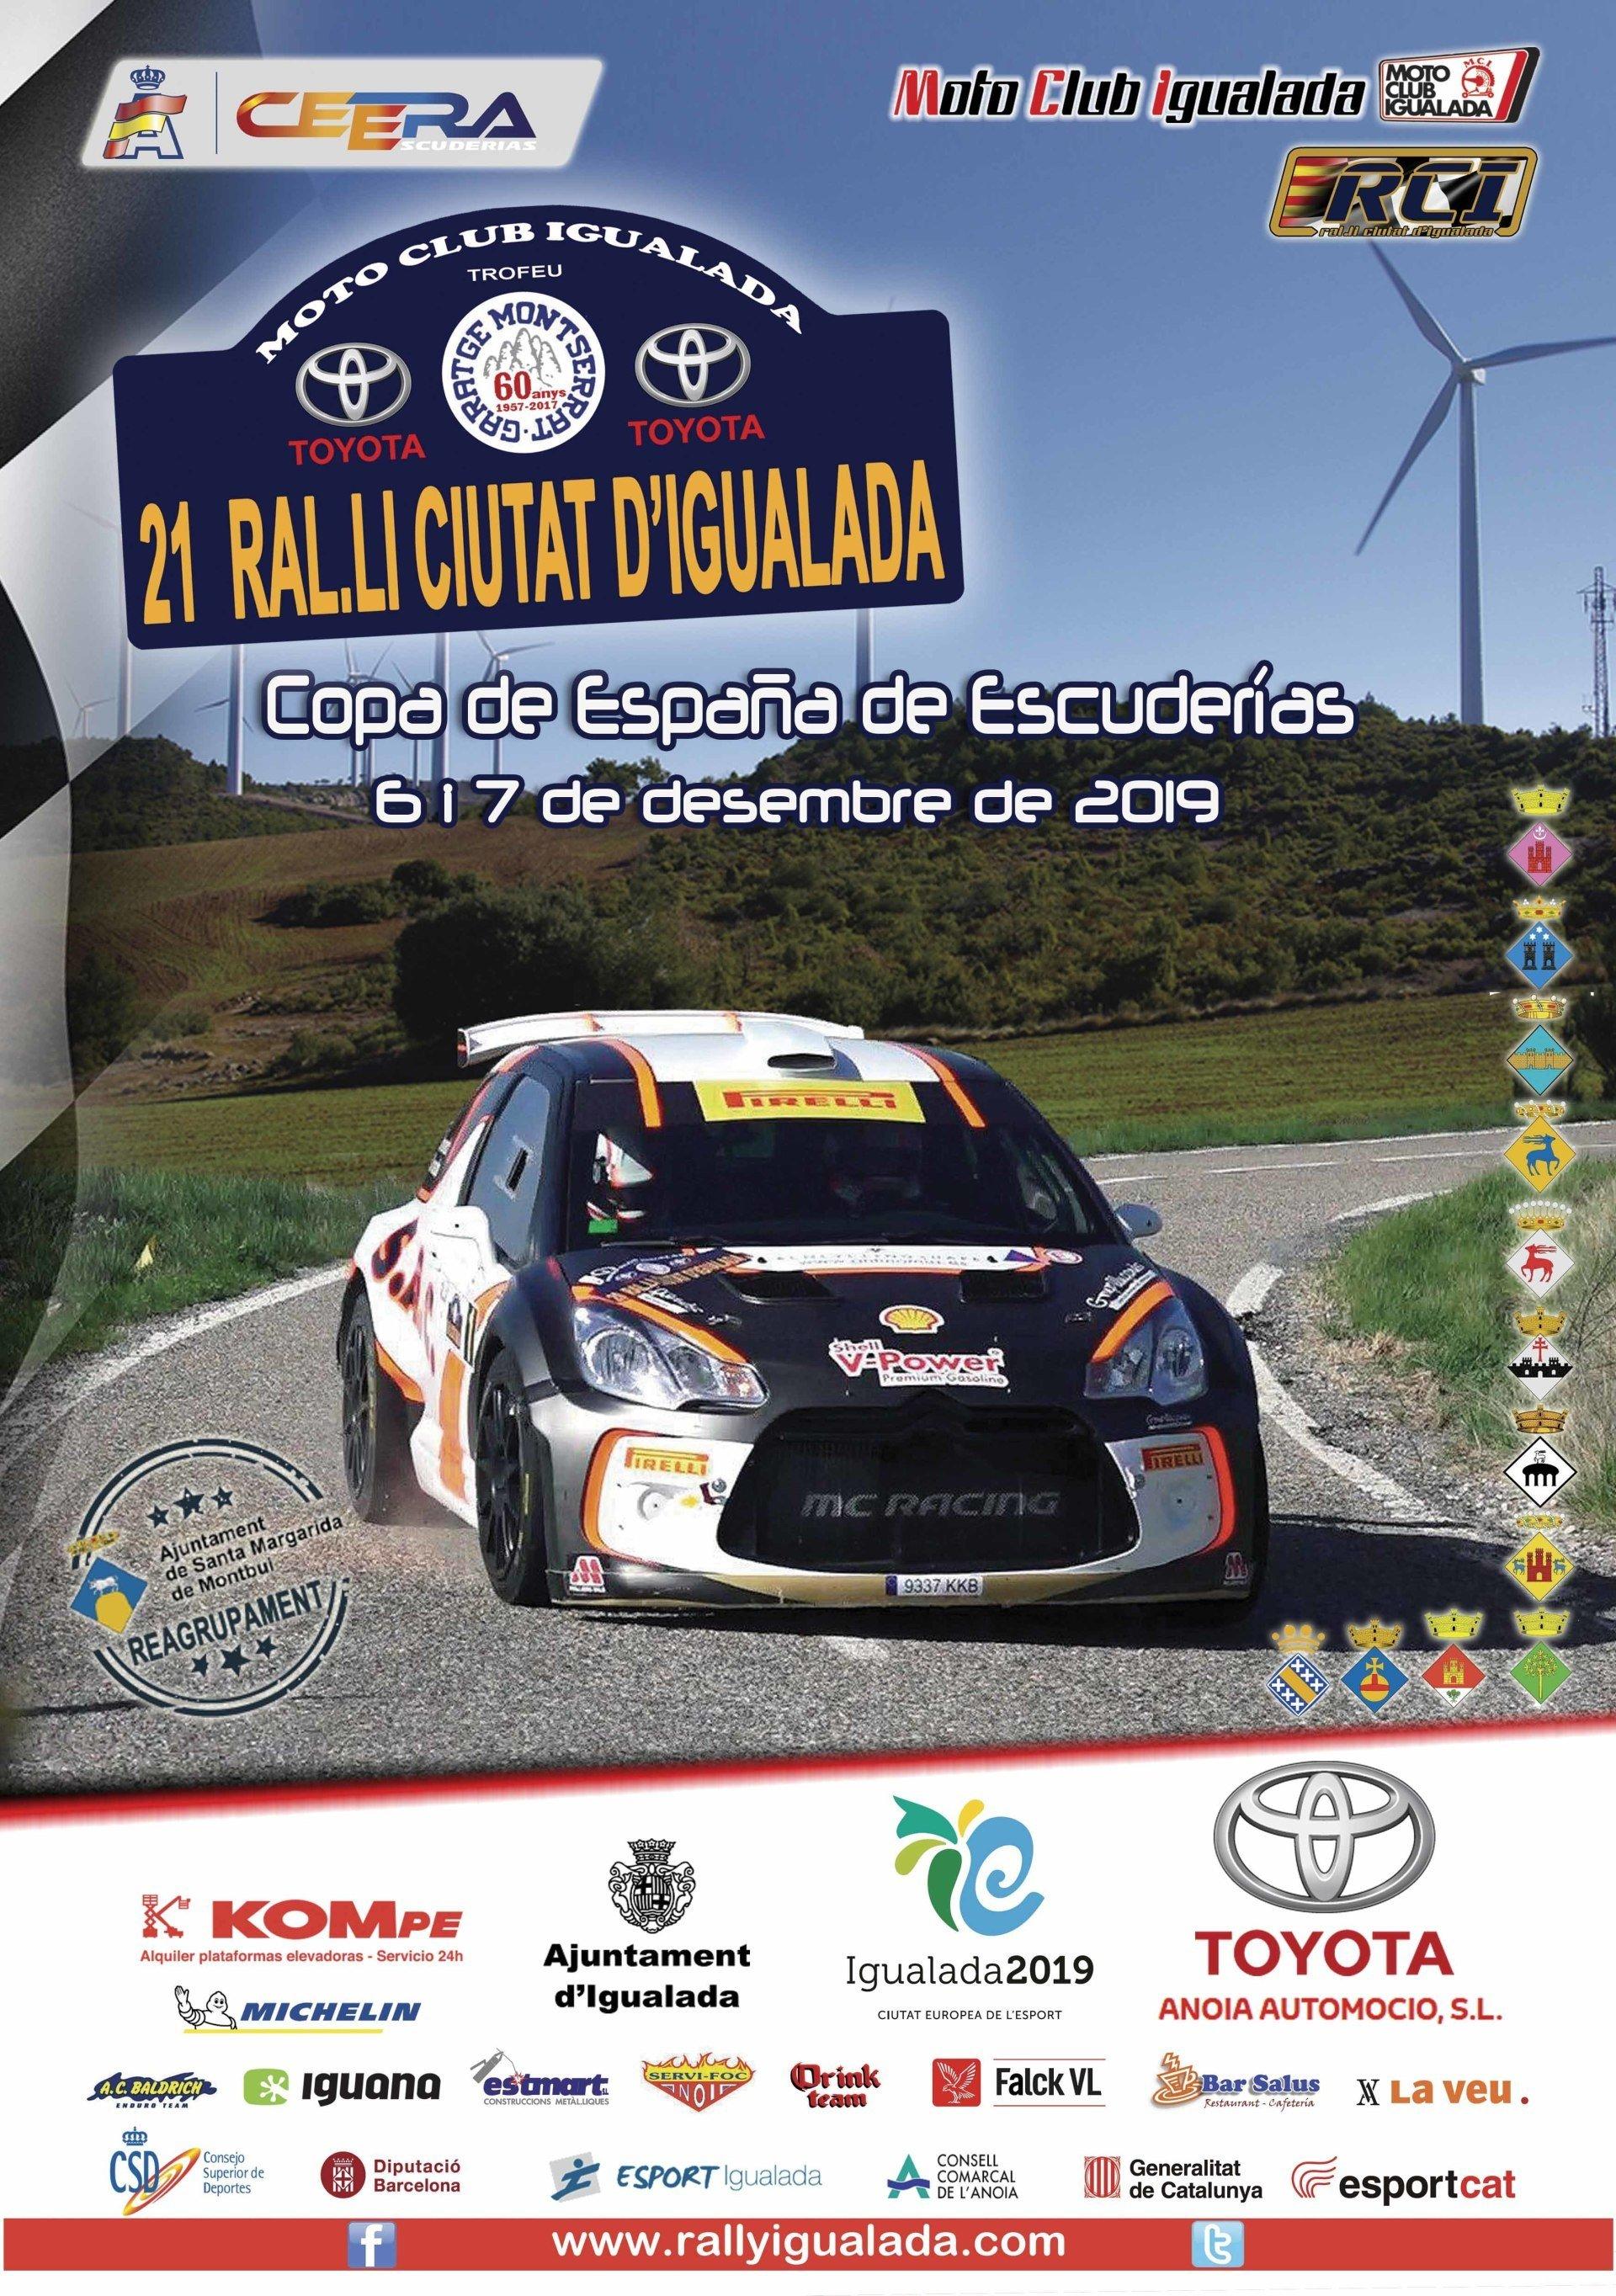 Campeonatos Regionales 2019: Información y novedades - Página 27 Cartell+Ralli+Ciutat+d-Igualada+2019+3+comp